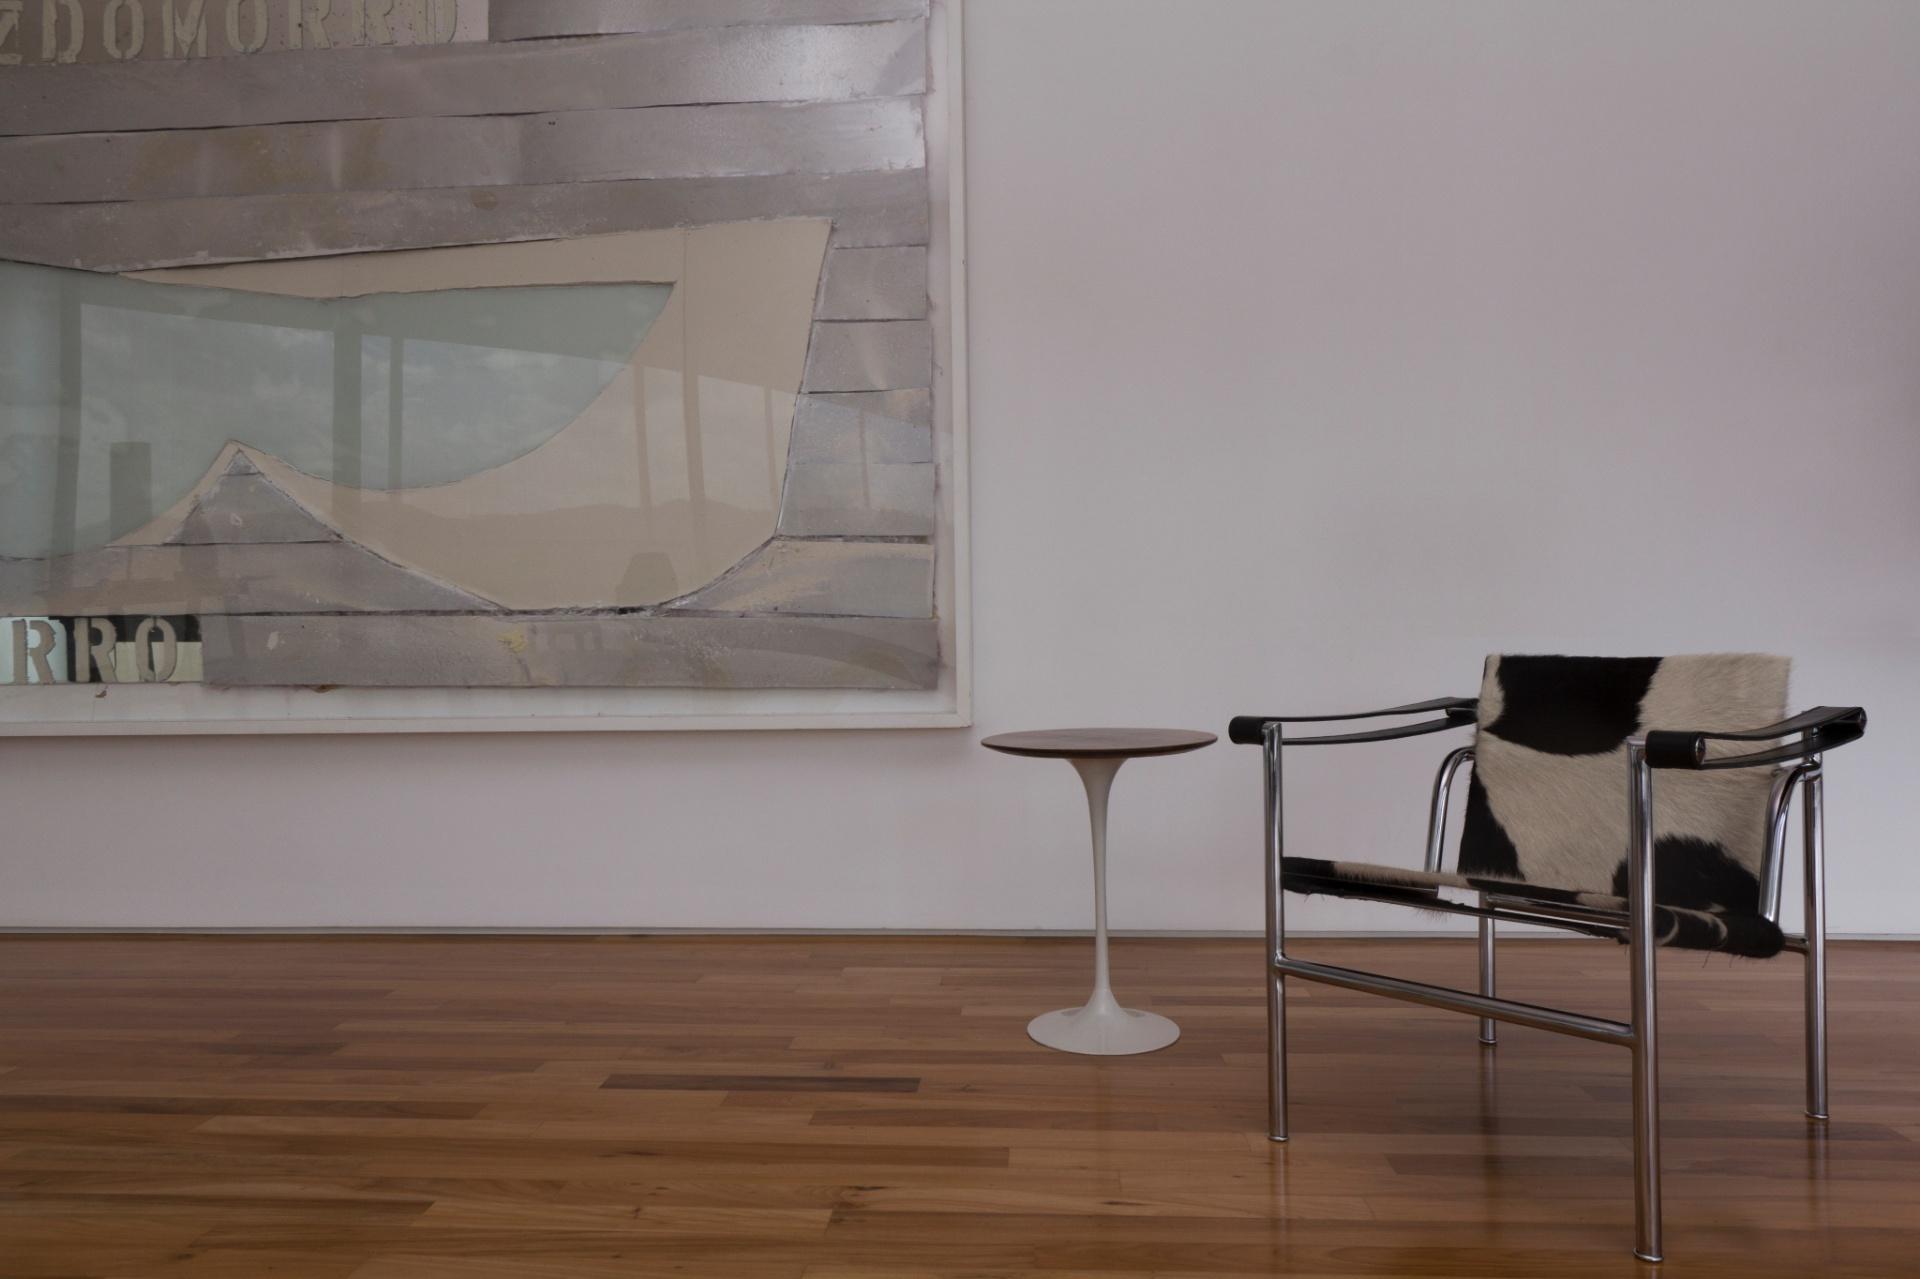 Em toda a Casa Galeria, a alvenaria e o forro de gesso levam pintura acrílica branca comum, a fim de destacar pinturas, esculturas e fotografias distribuídas pelas paredes. A tela